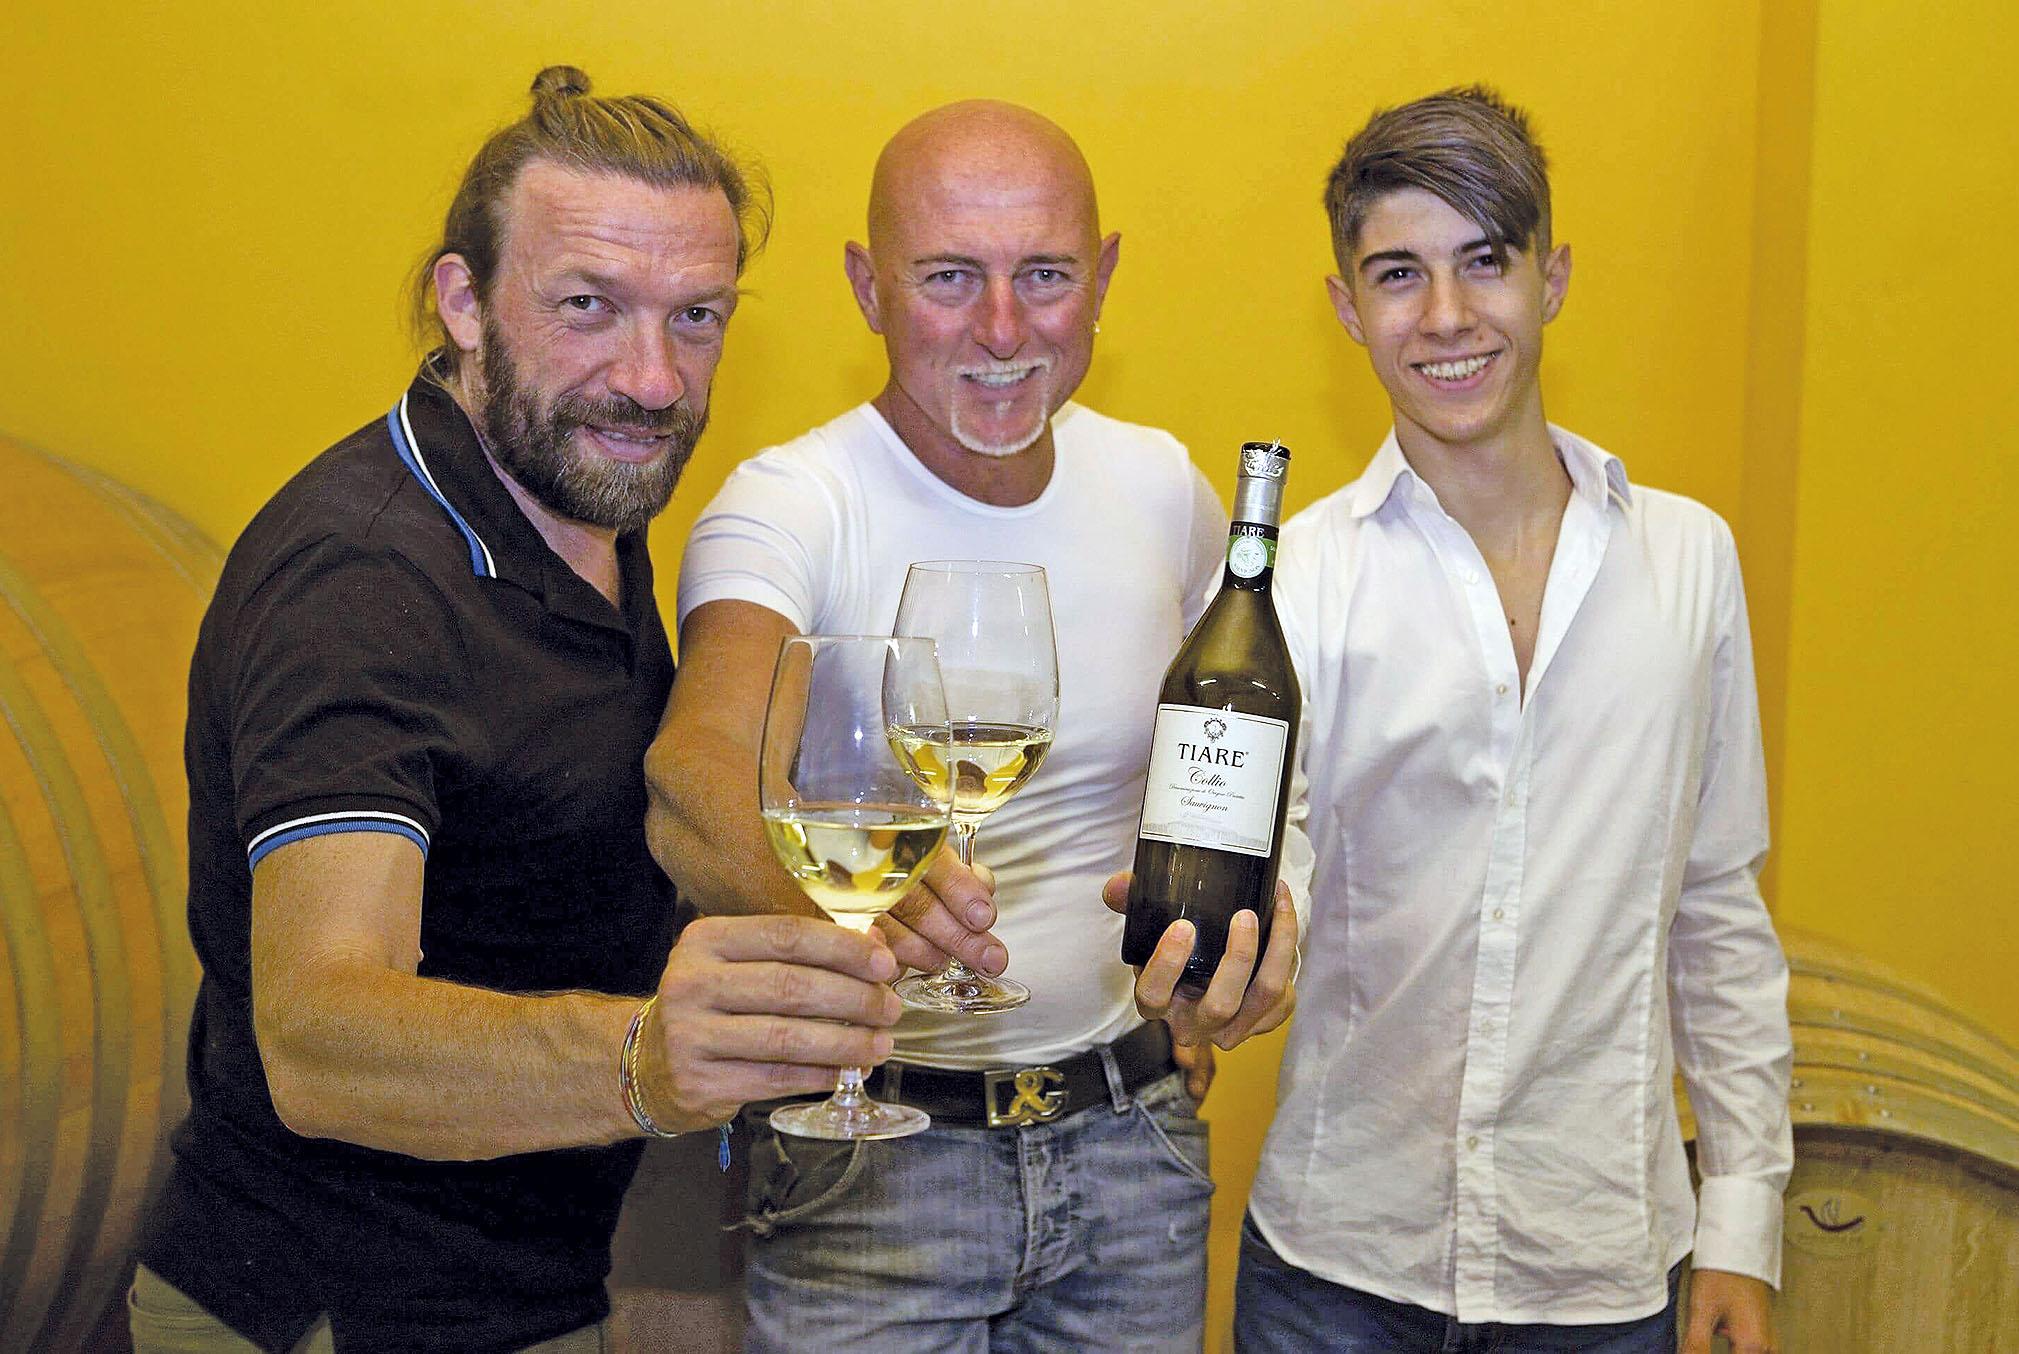 Sauvignon Tiare: Tre Bicchieri Gambero Rosso